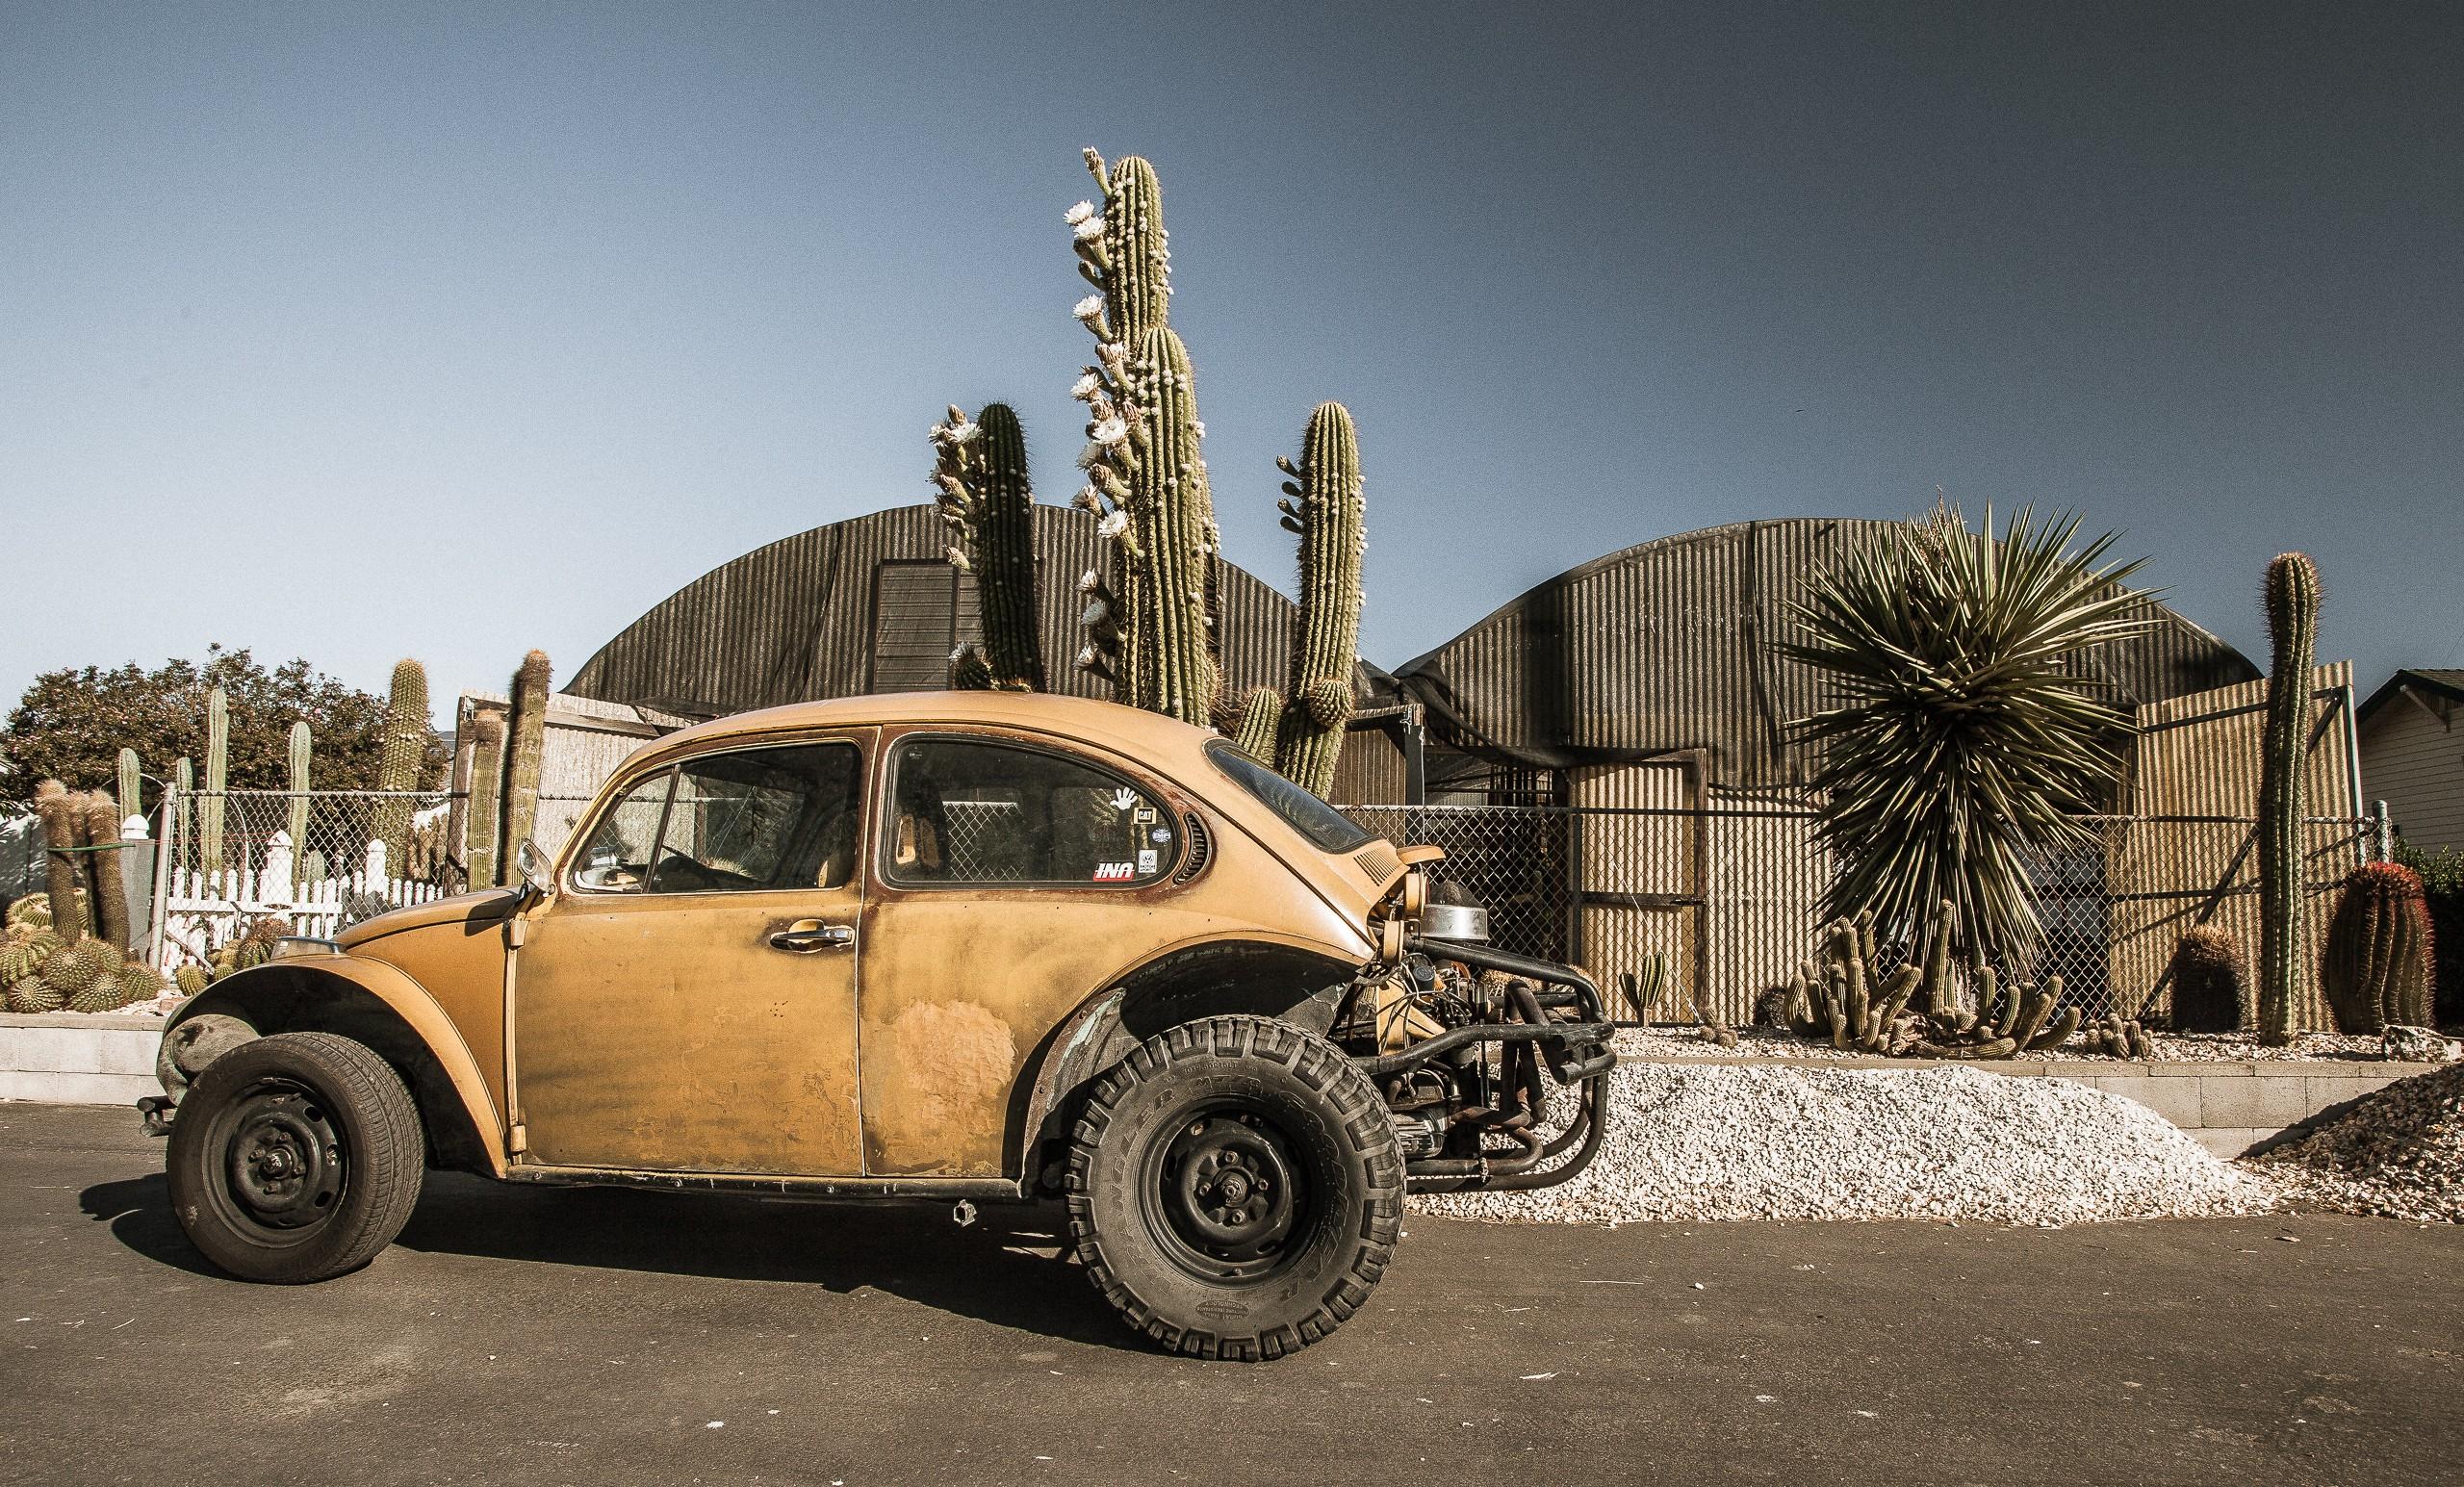 Bug De Cacti